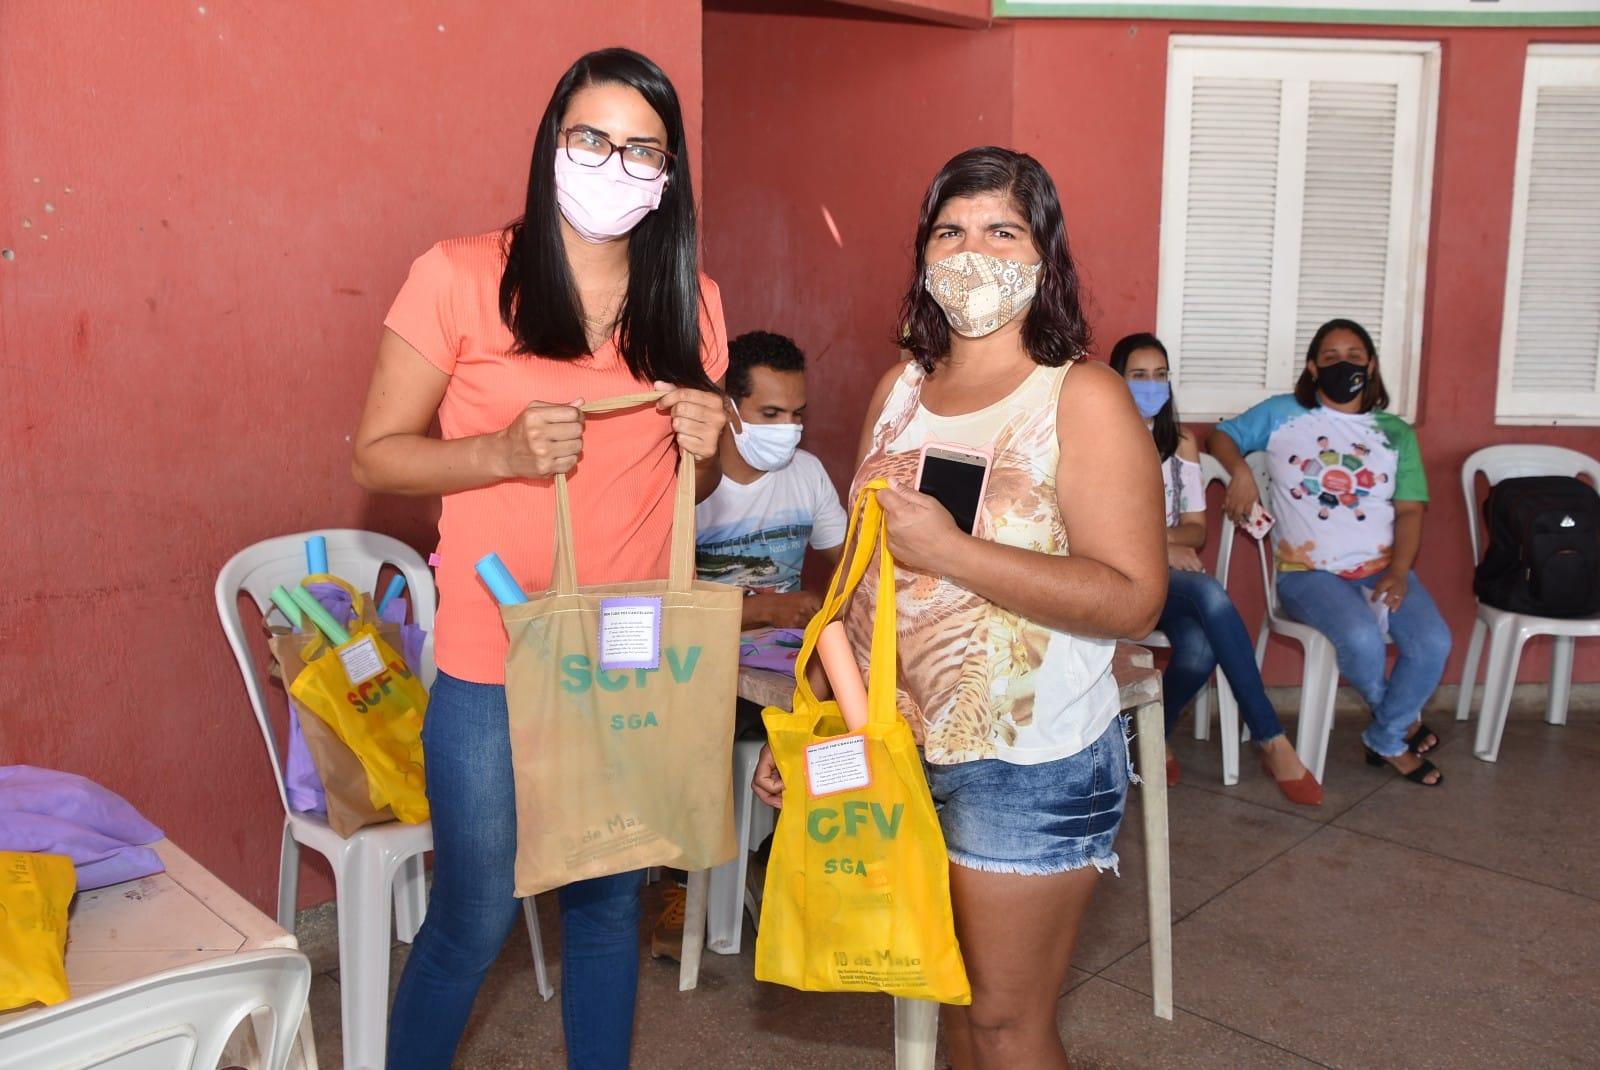 Atividades remotas: Semtasc entrega material didático às crianças e adolescentes do SCFV